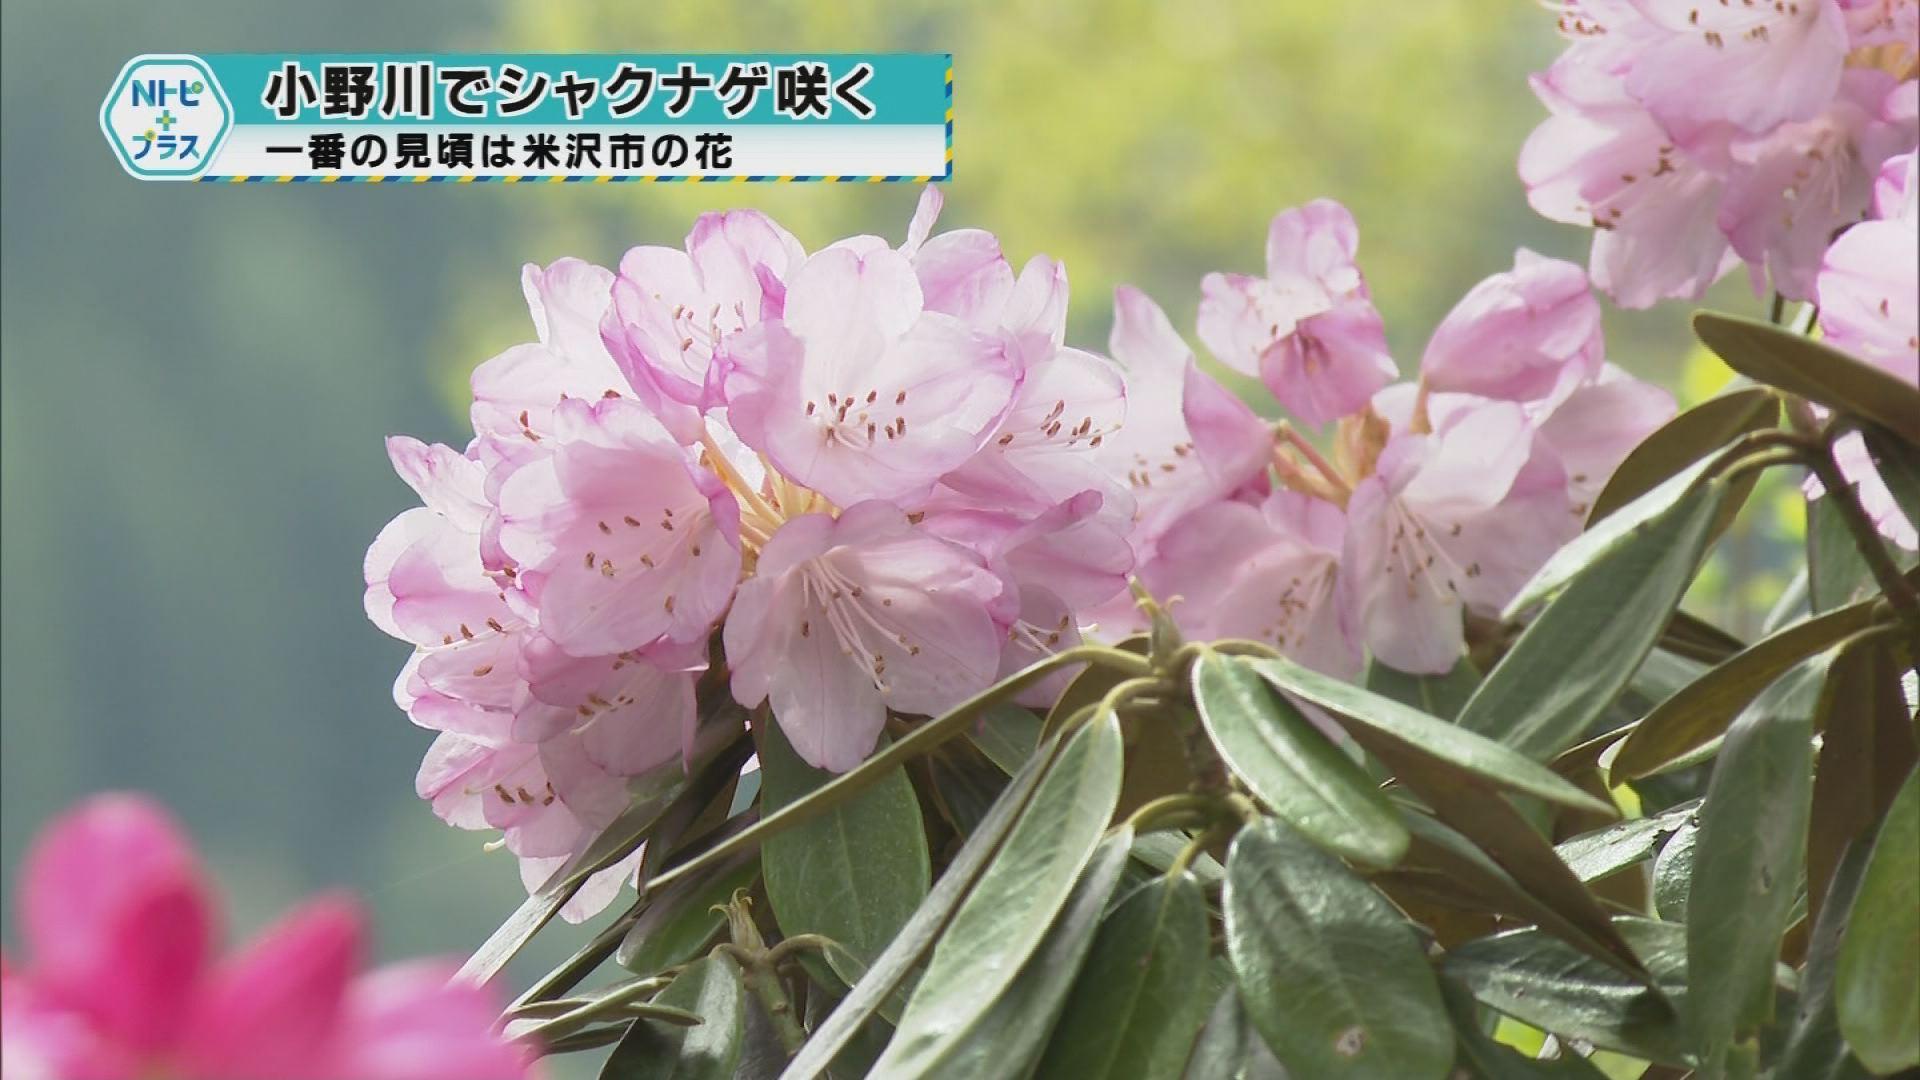 「小野川でシャクナゲ咲く」一番の見頃は米沢市の花